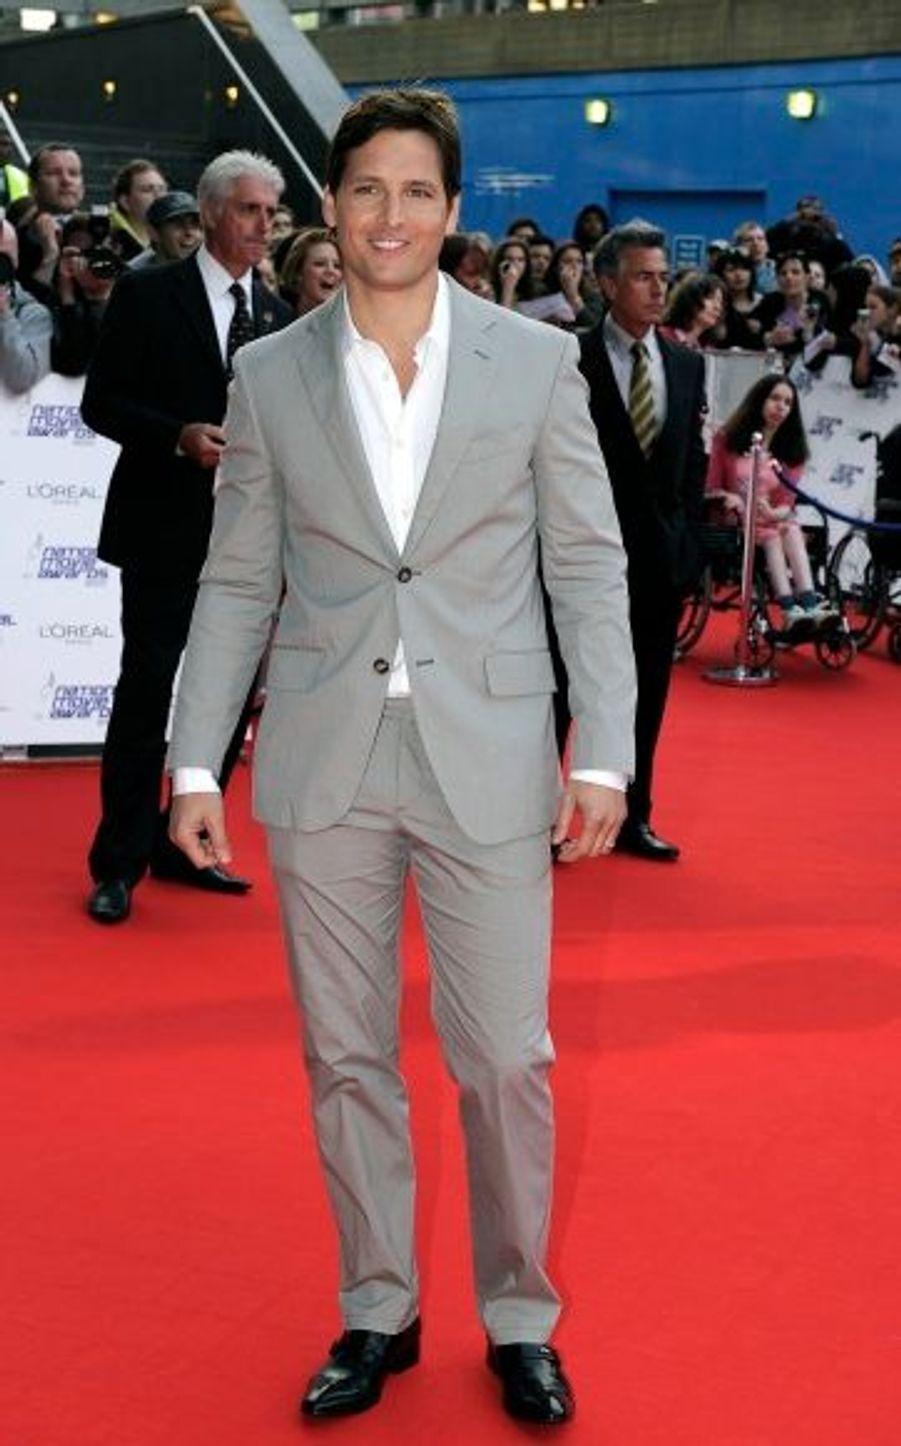 Peter Facinelli était le seul représentant du casting de Twilight. Le film a pourtant été récompensé à trois reprises : meilleur film fantastique pour Twilight : tentation, succès le plus attendu de l'été pour Twilight : Hésitation et prix du meilleur acteur pour Robert Pattinson dans Twilight : Tentation.